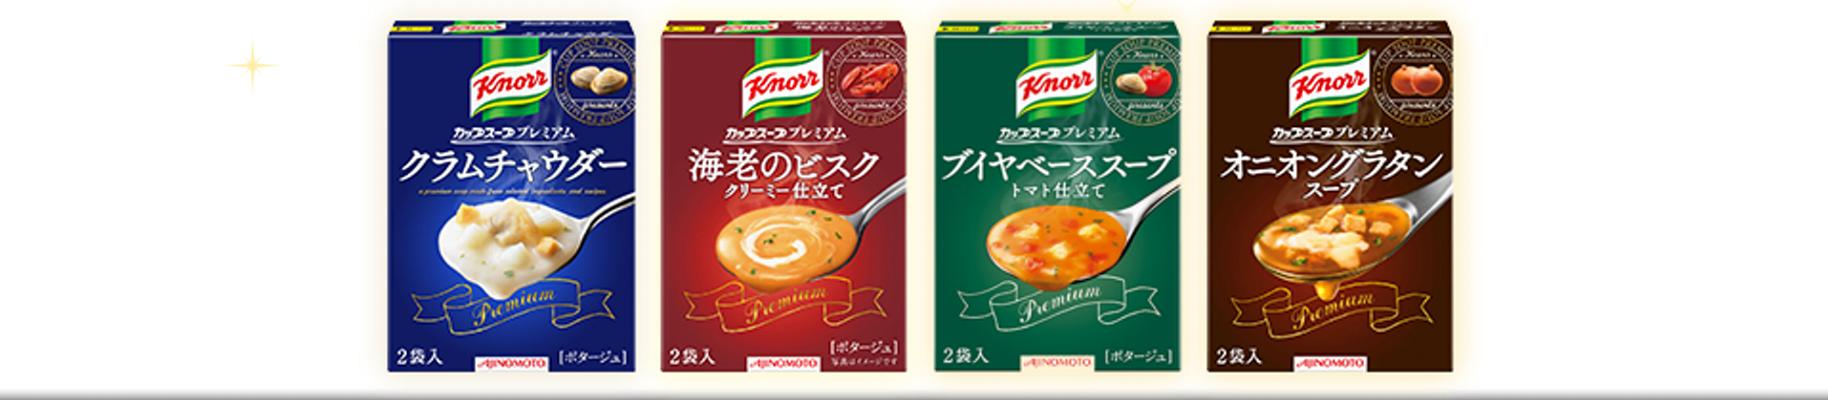 美味しいカップスープ教えてください!